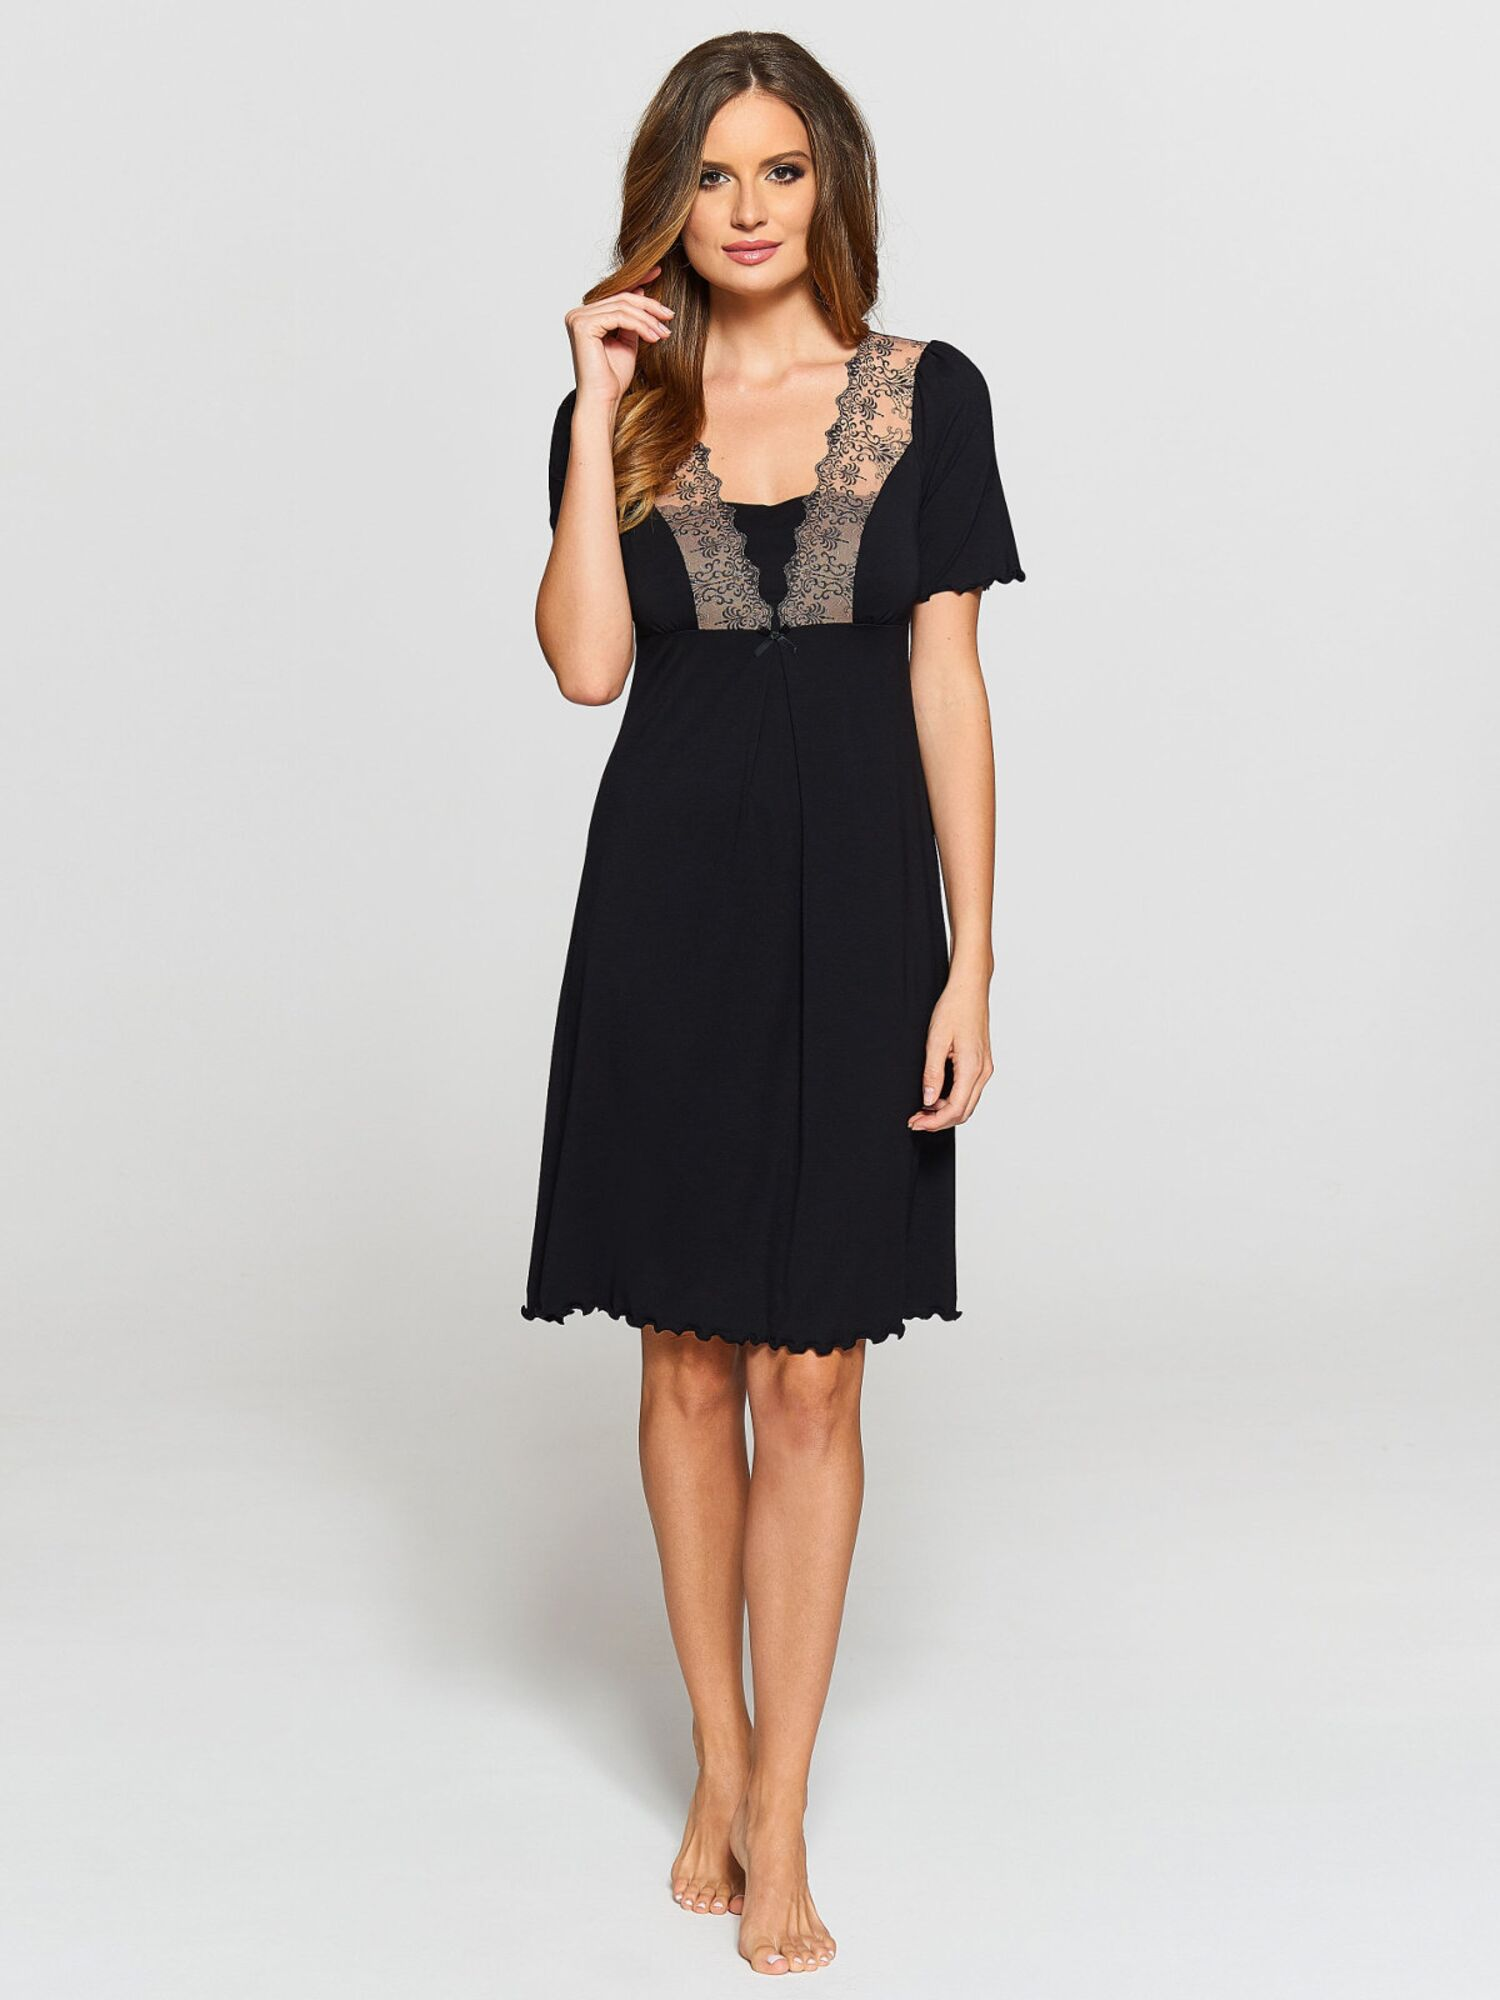 Сорочка женская IC 021 черный